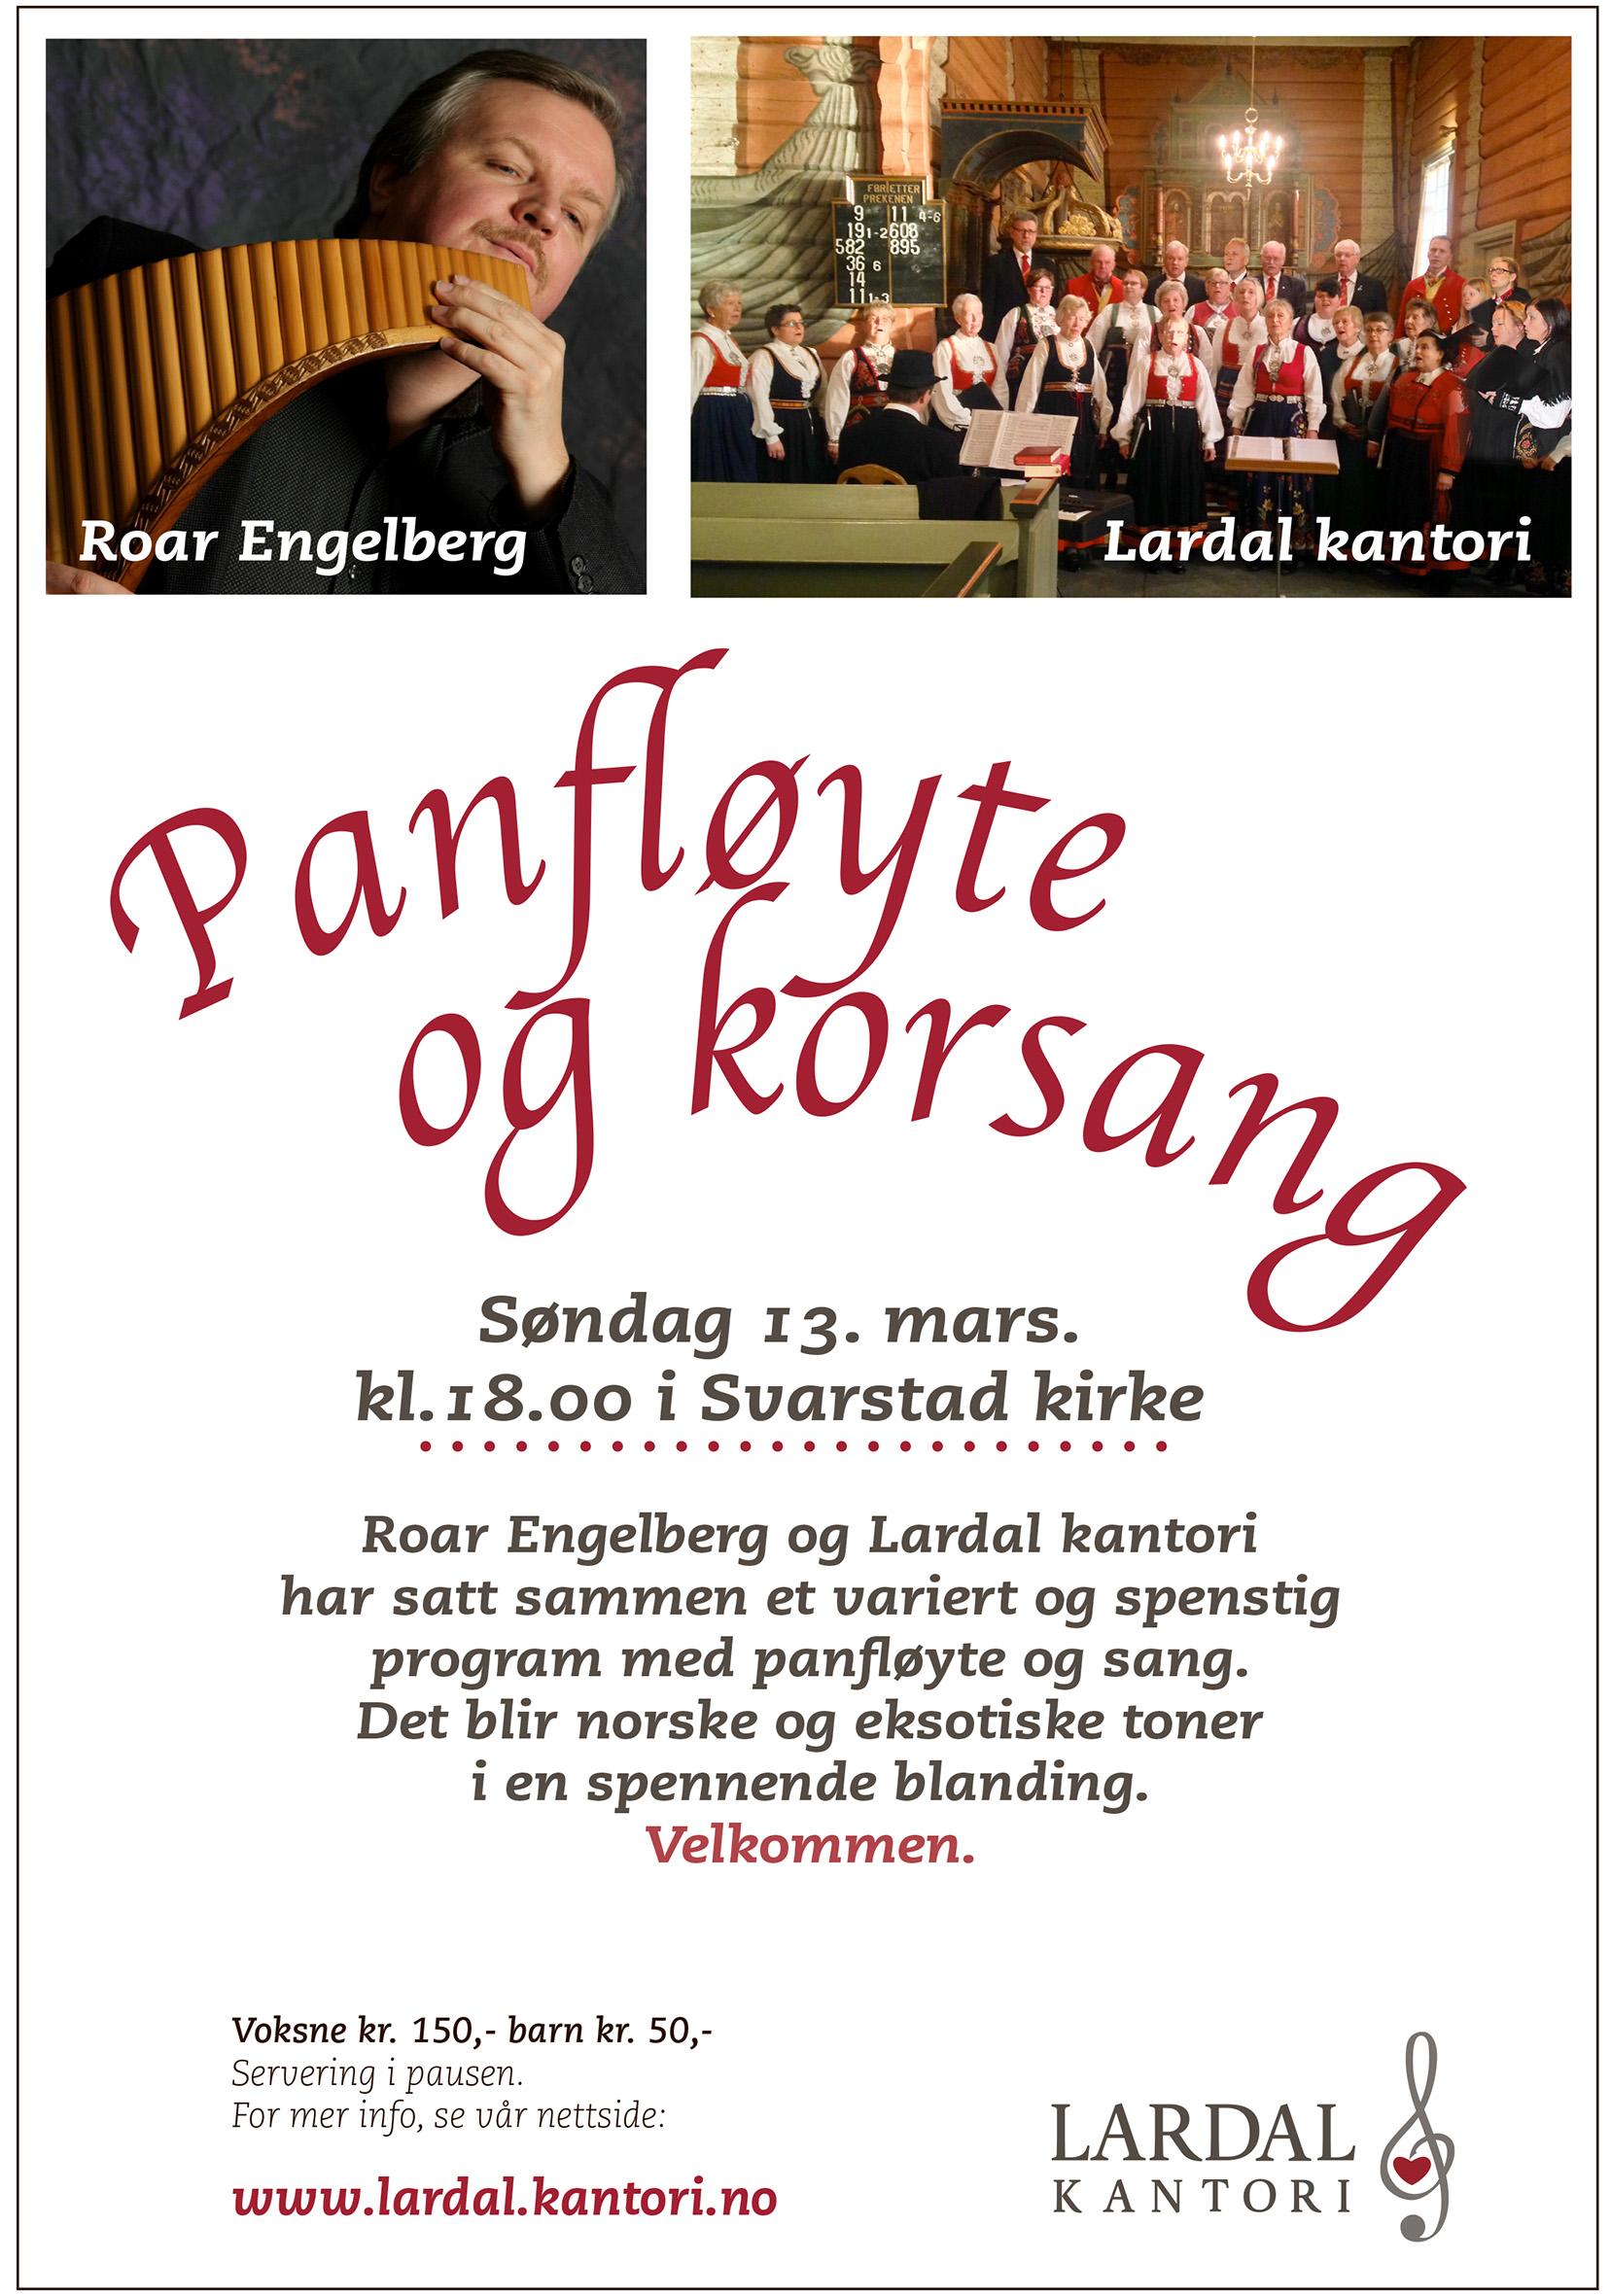 Konsertplakat Roar Engelberg og Lardal kantori